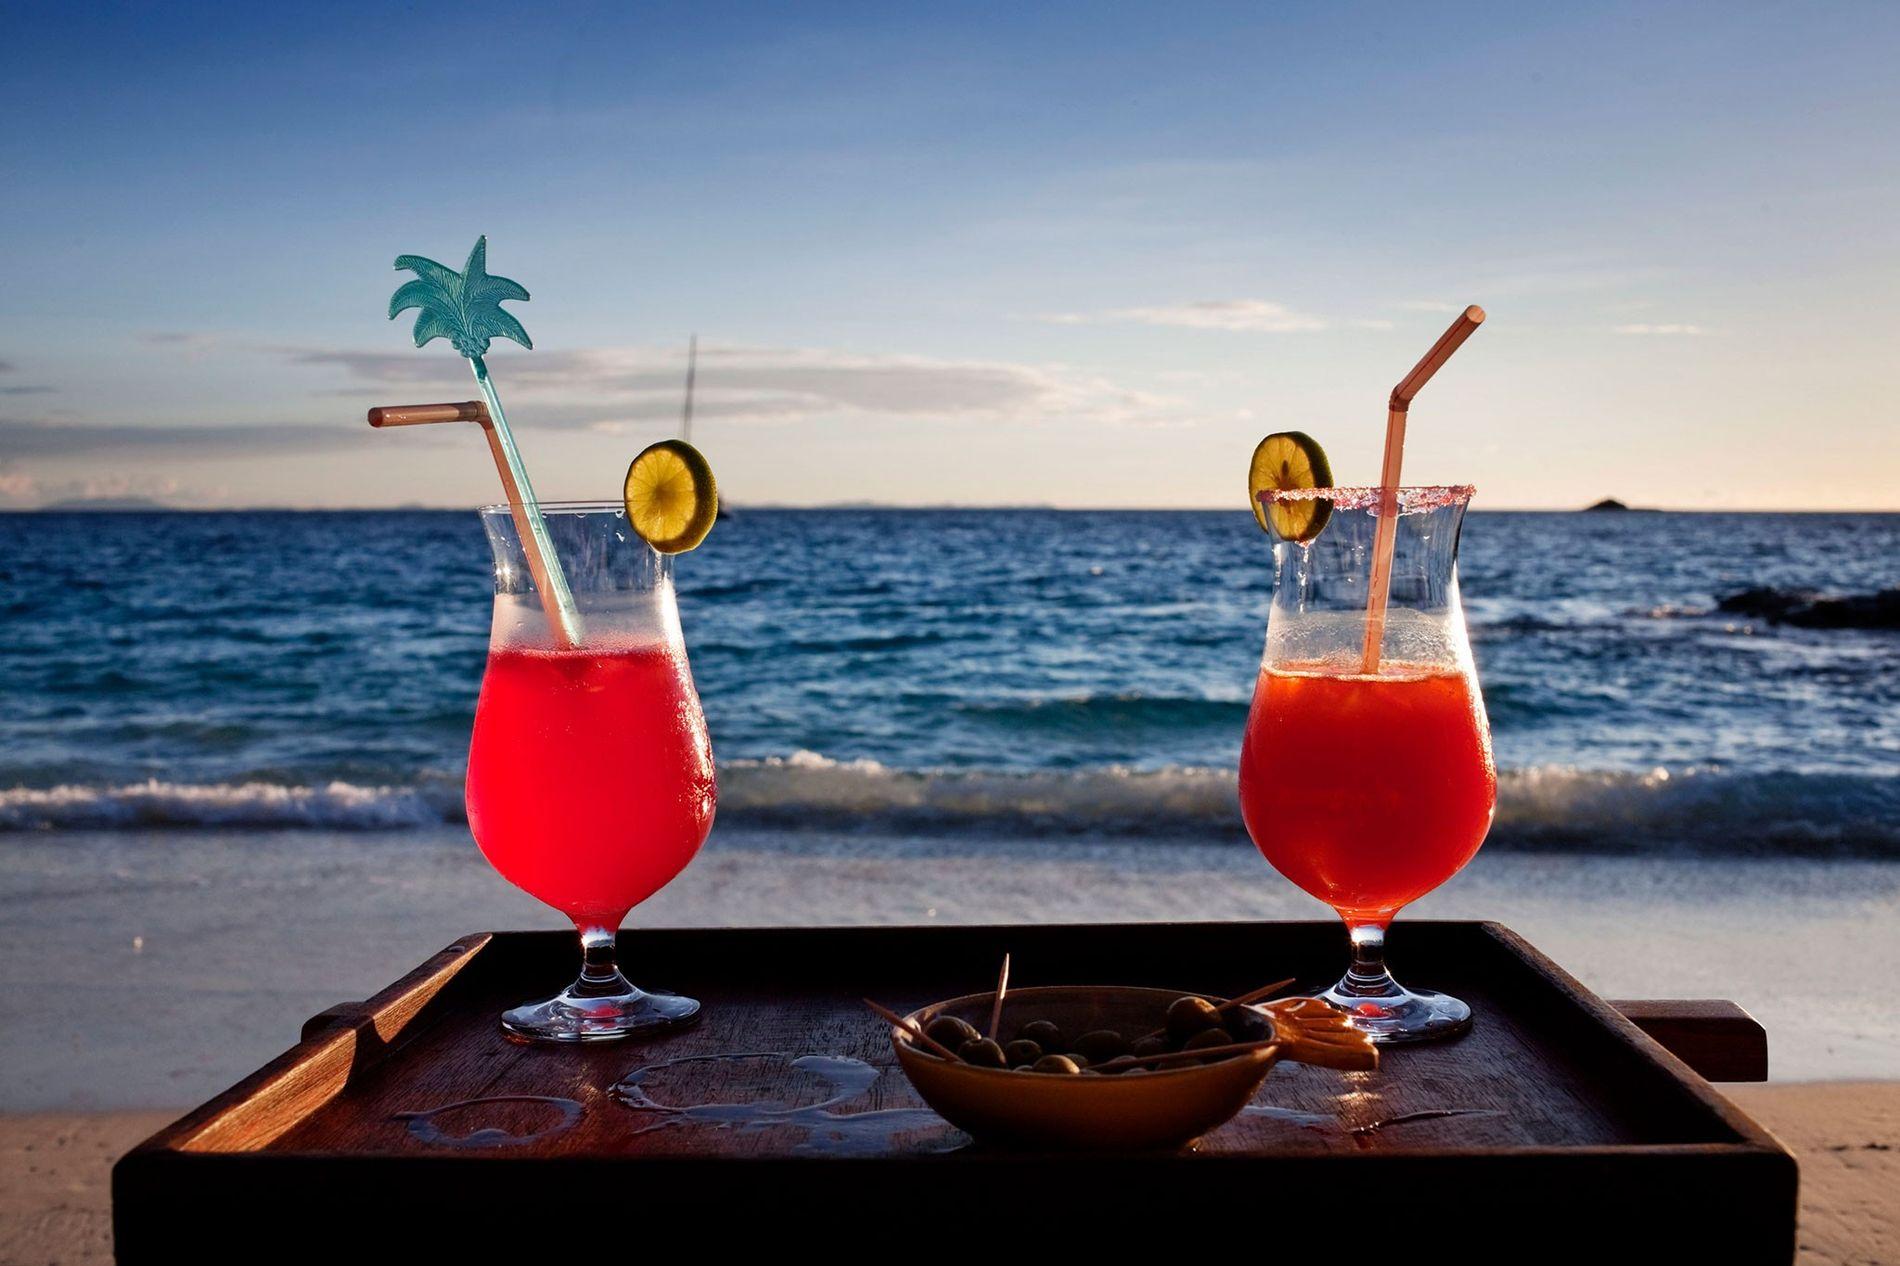 Sur l'île de Nosy Mitsio à Madagascar, les cocktails sont accompagnés de paille en plastique. Les ...